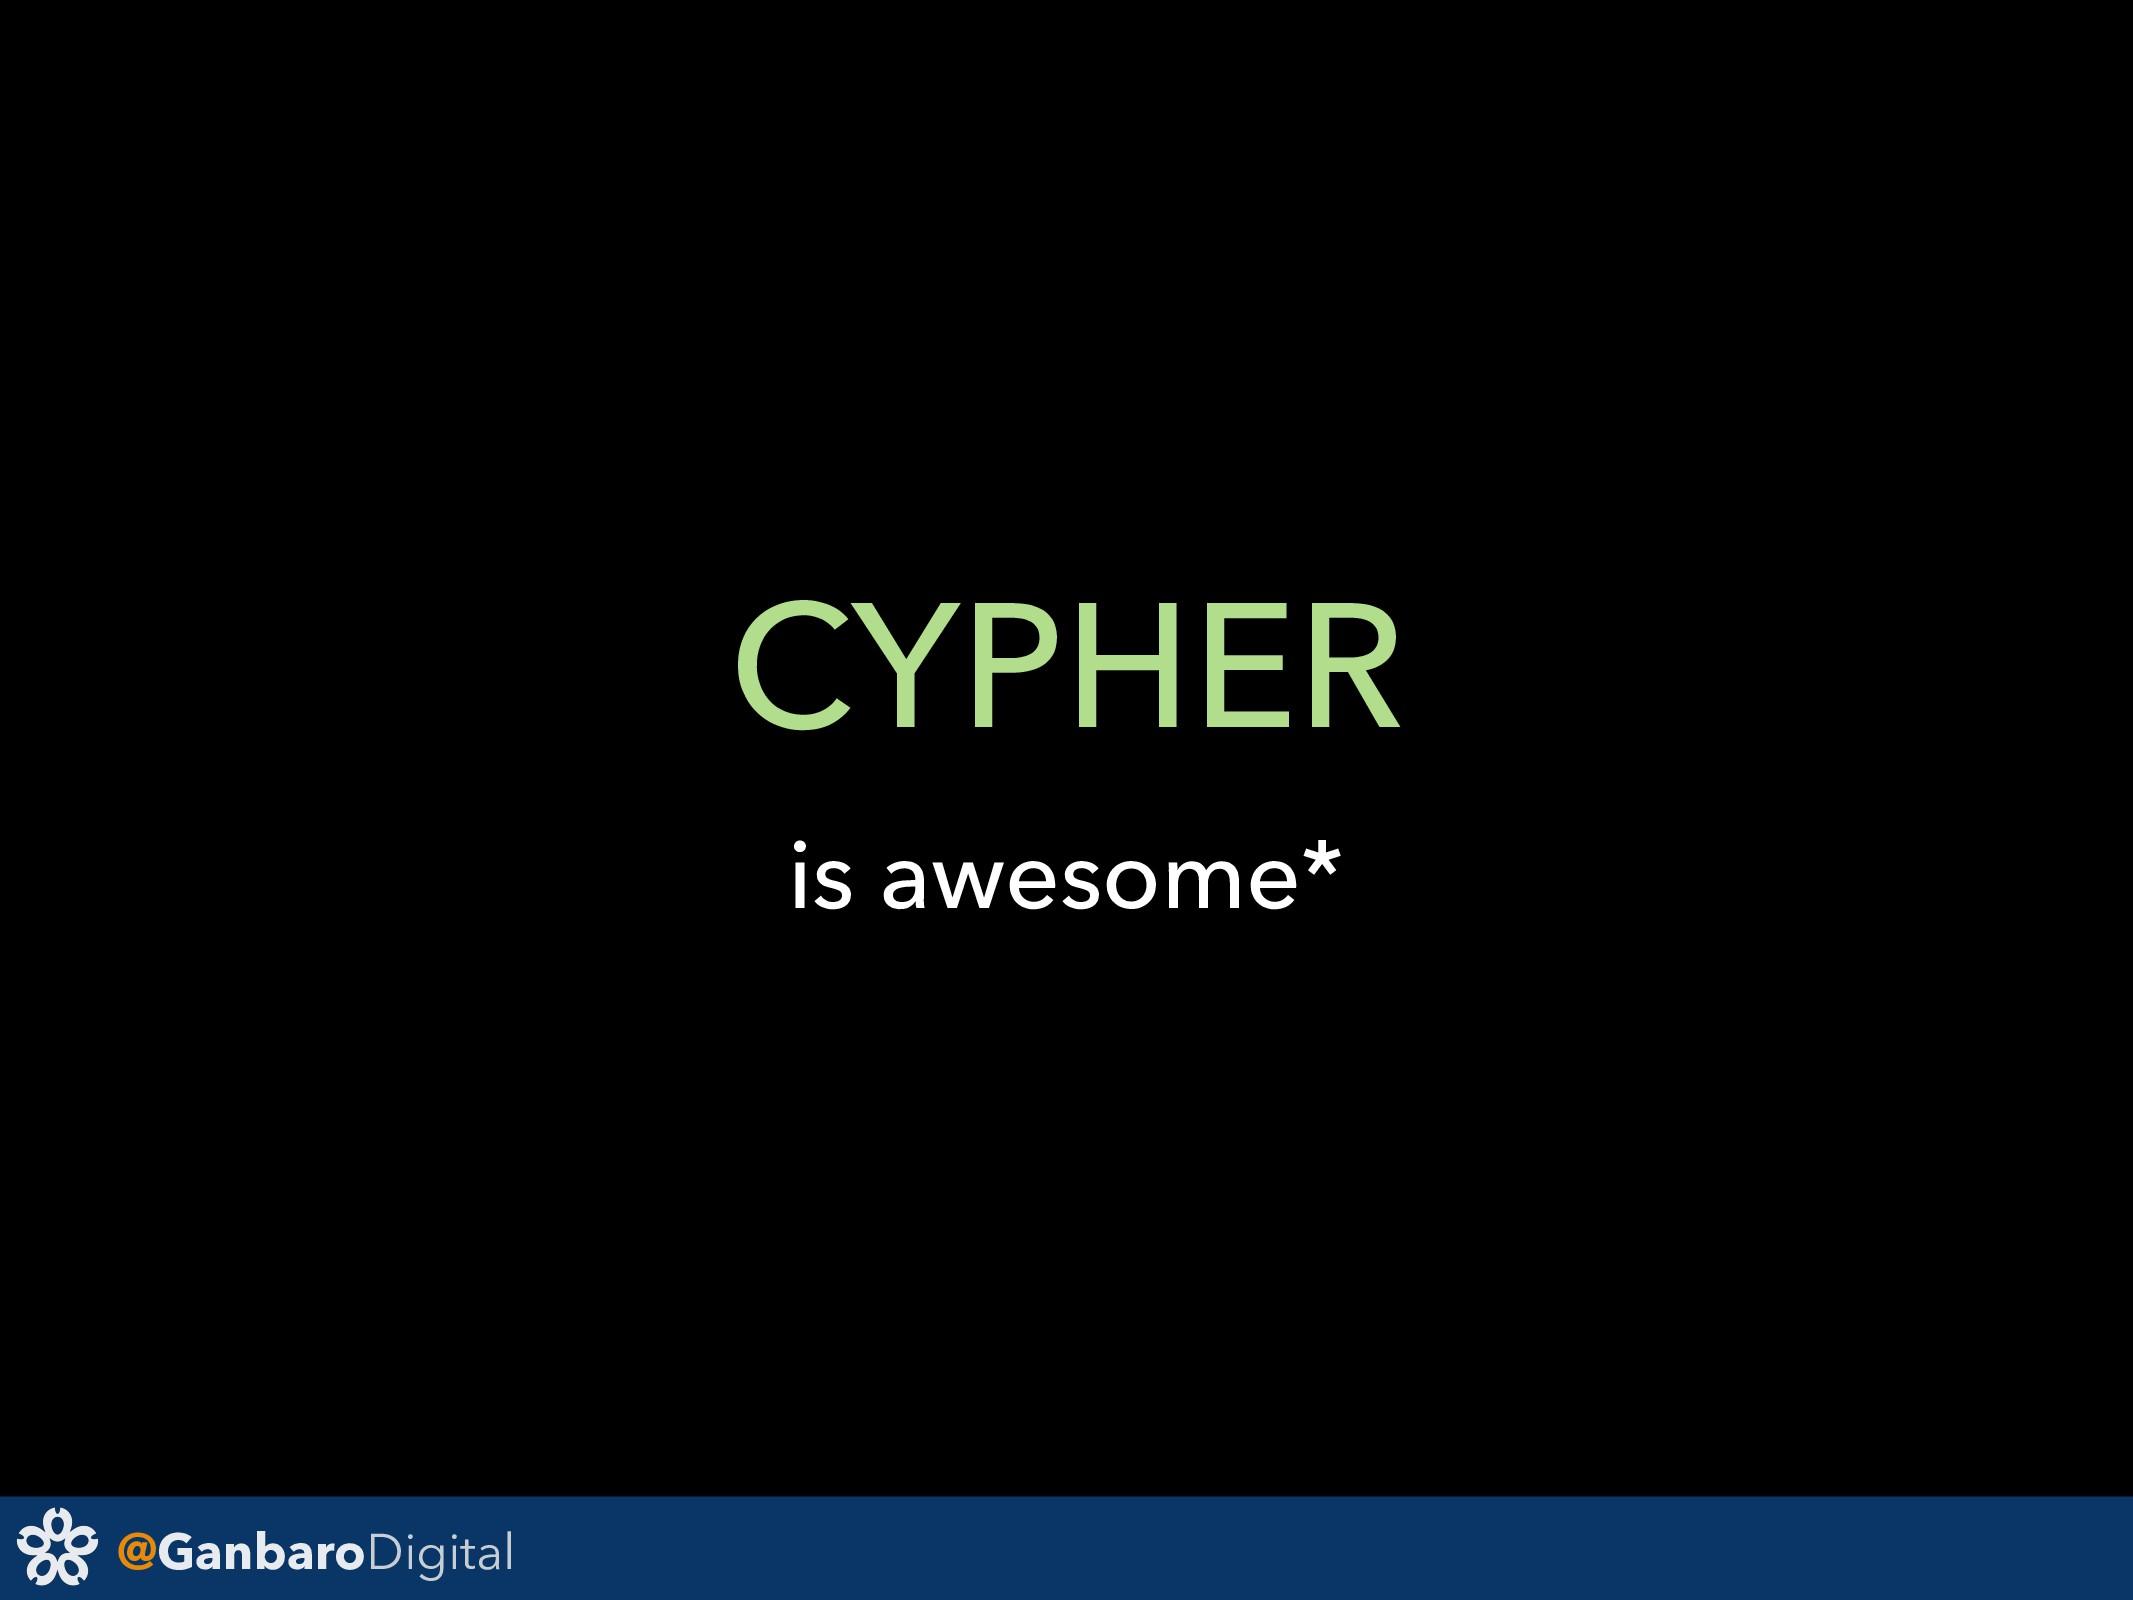 @GanbaroDigital CYPHER is awesome*